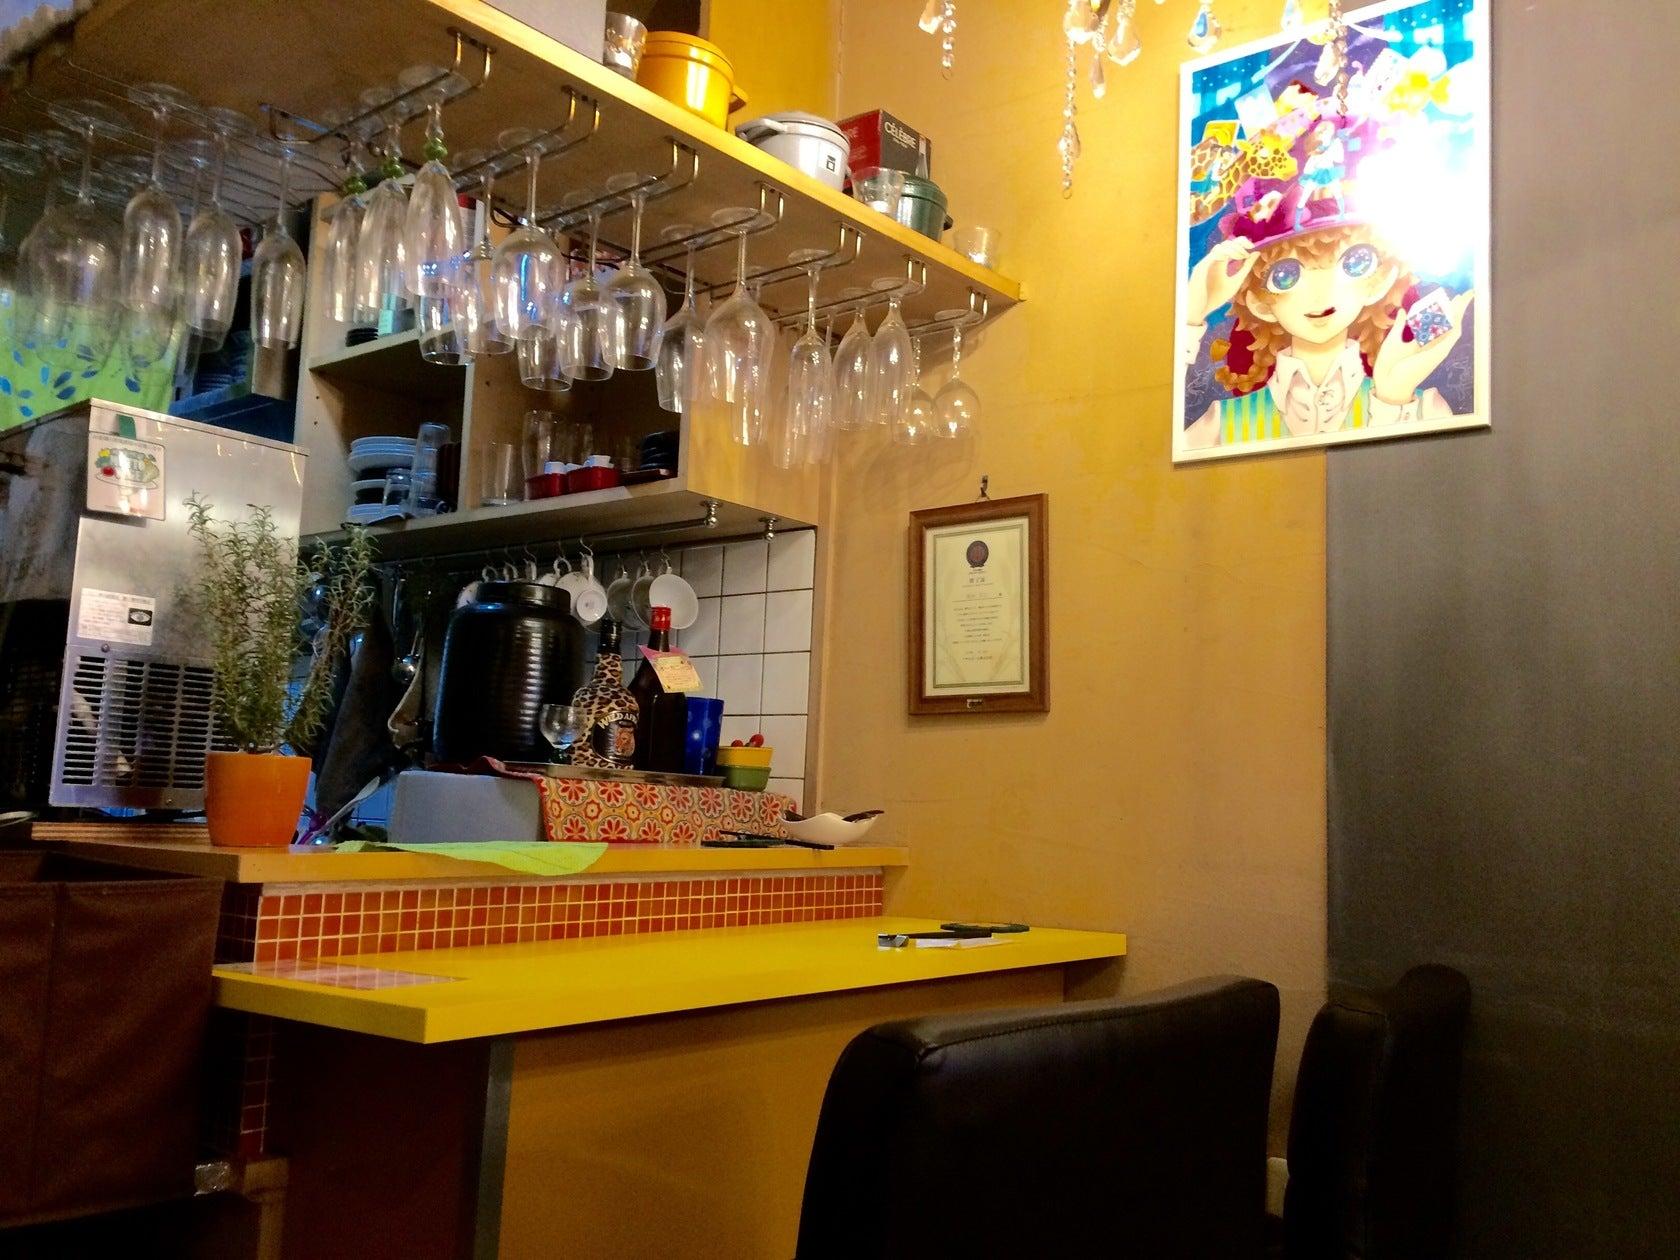 メディアで人気のオシャレレストランを貸し切り のサムネイル